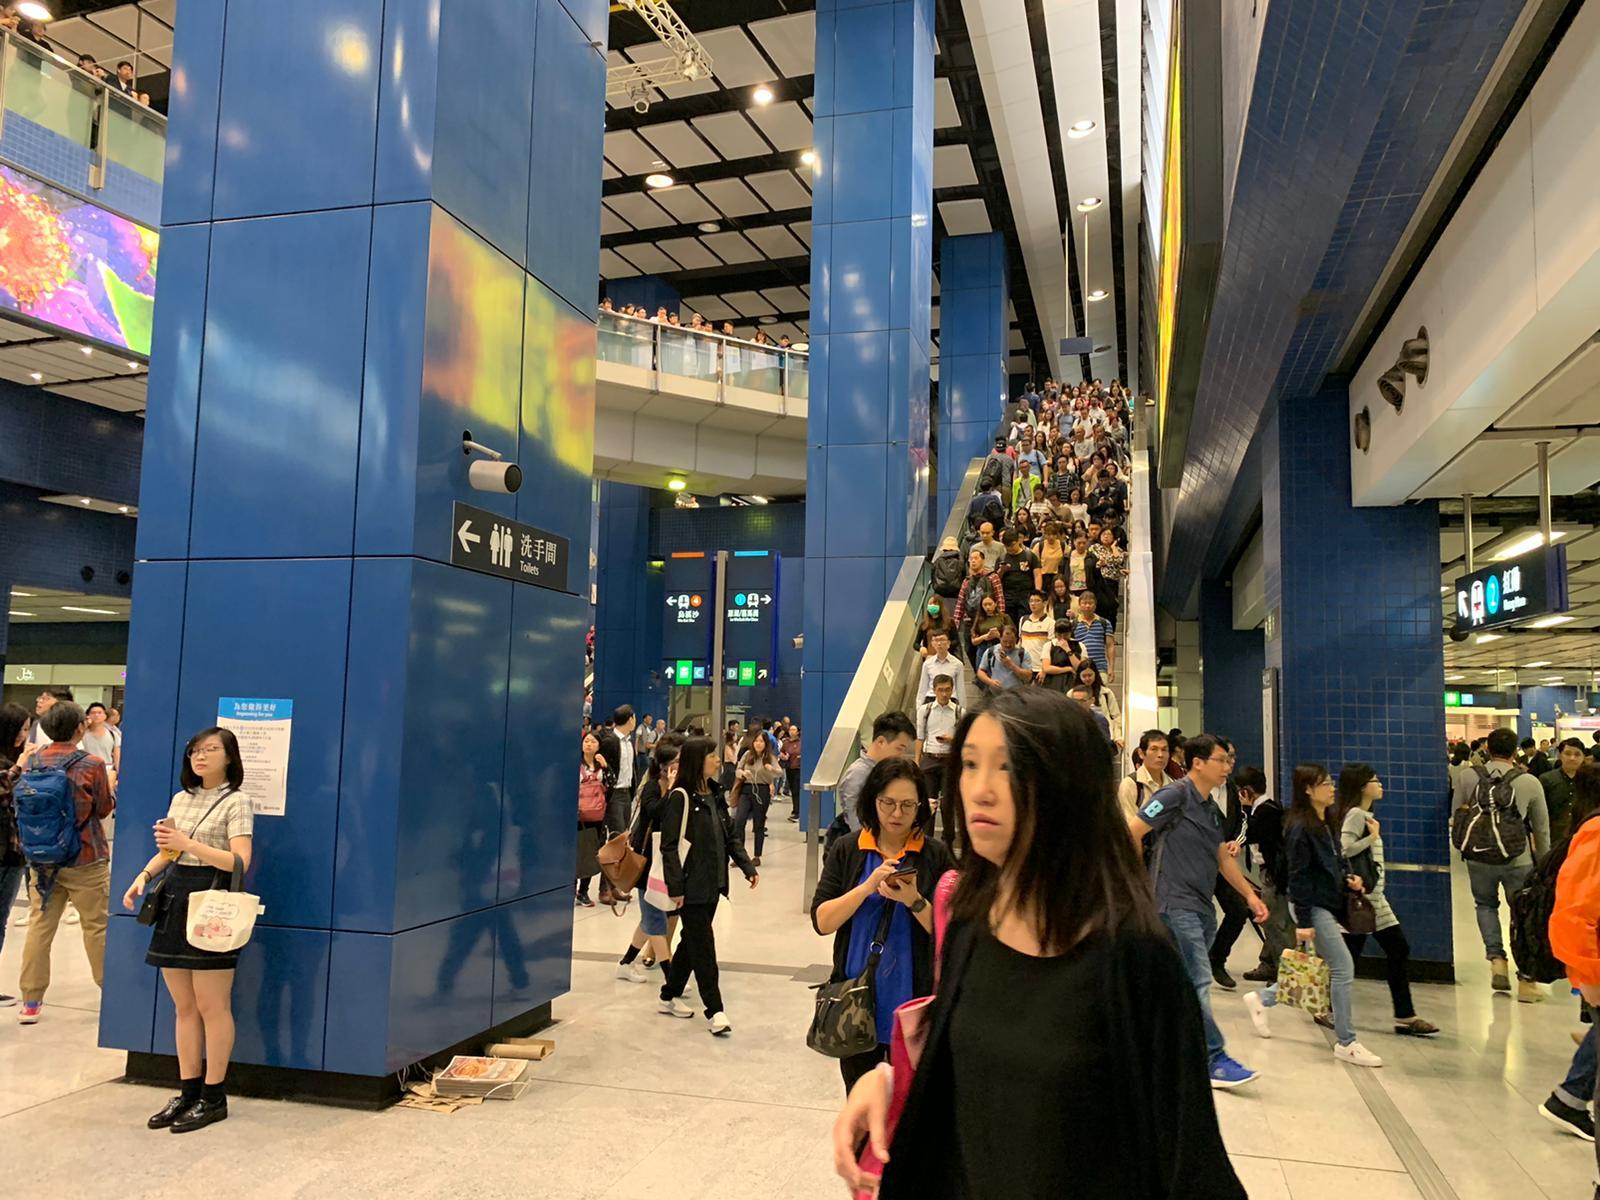 大圍站有大批乘客。